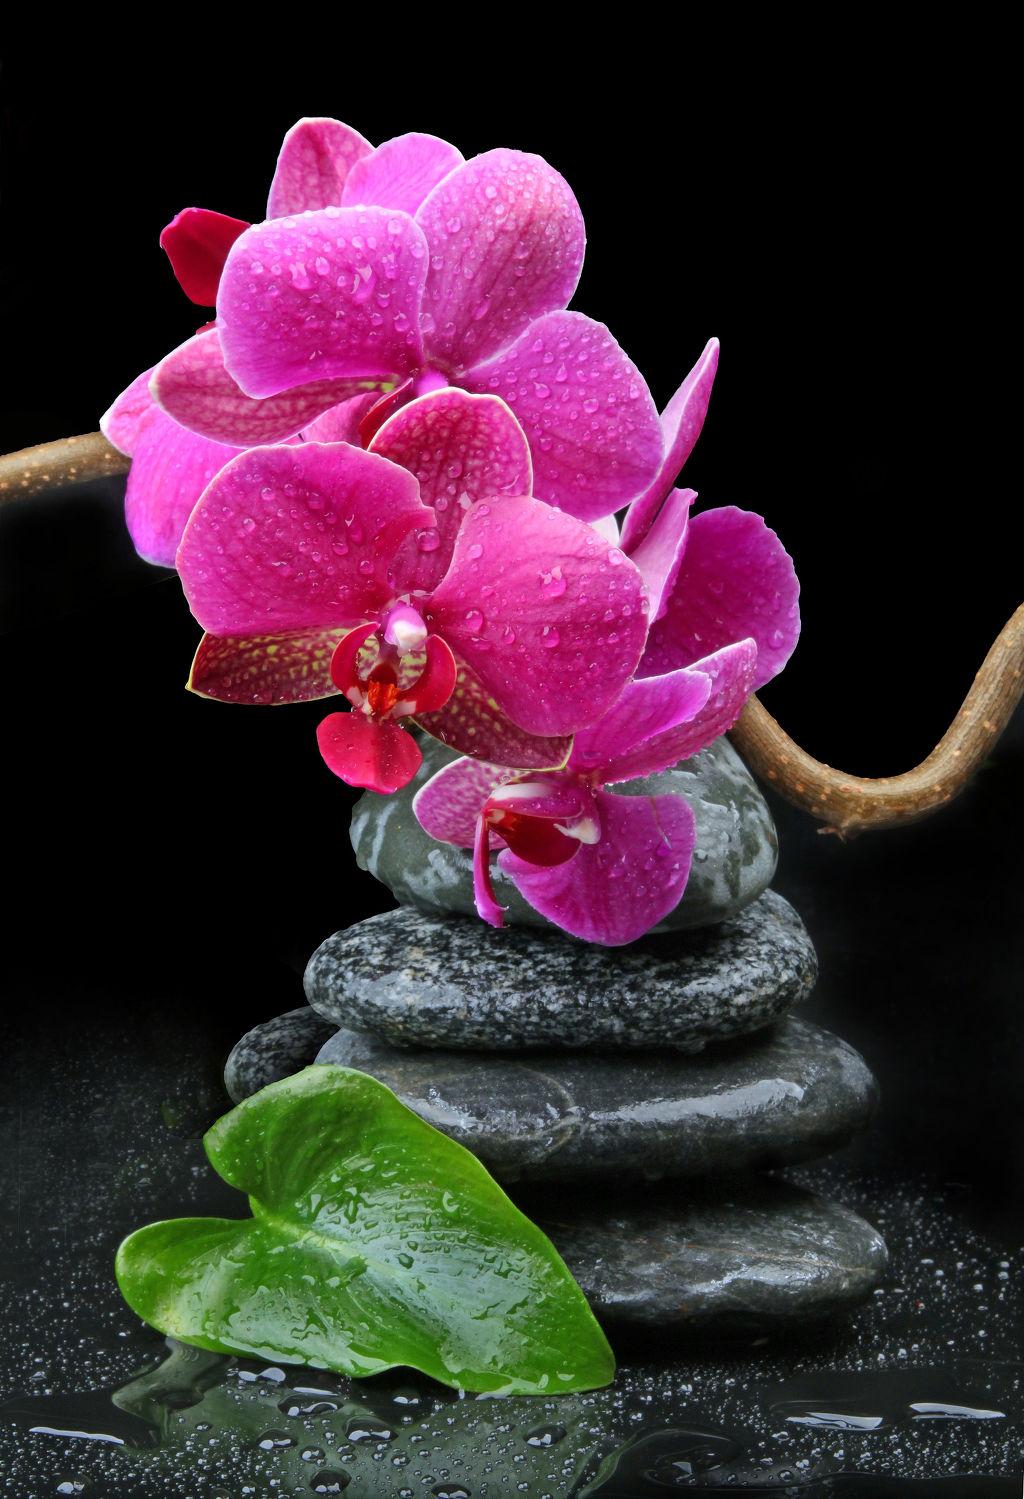 Bild mit Pflanzen, Blumen, Stein, Orchideen, Steine, Blume, Orchidee, Pflanze, Wassertropfen, Floral, Blüten, Florales, blüte